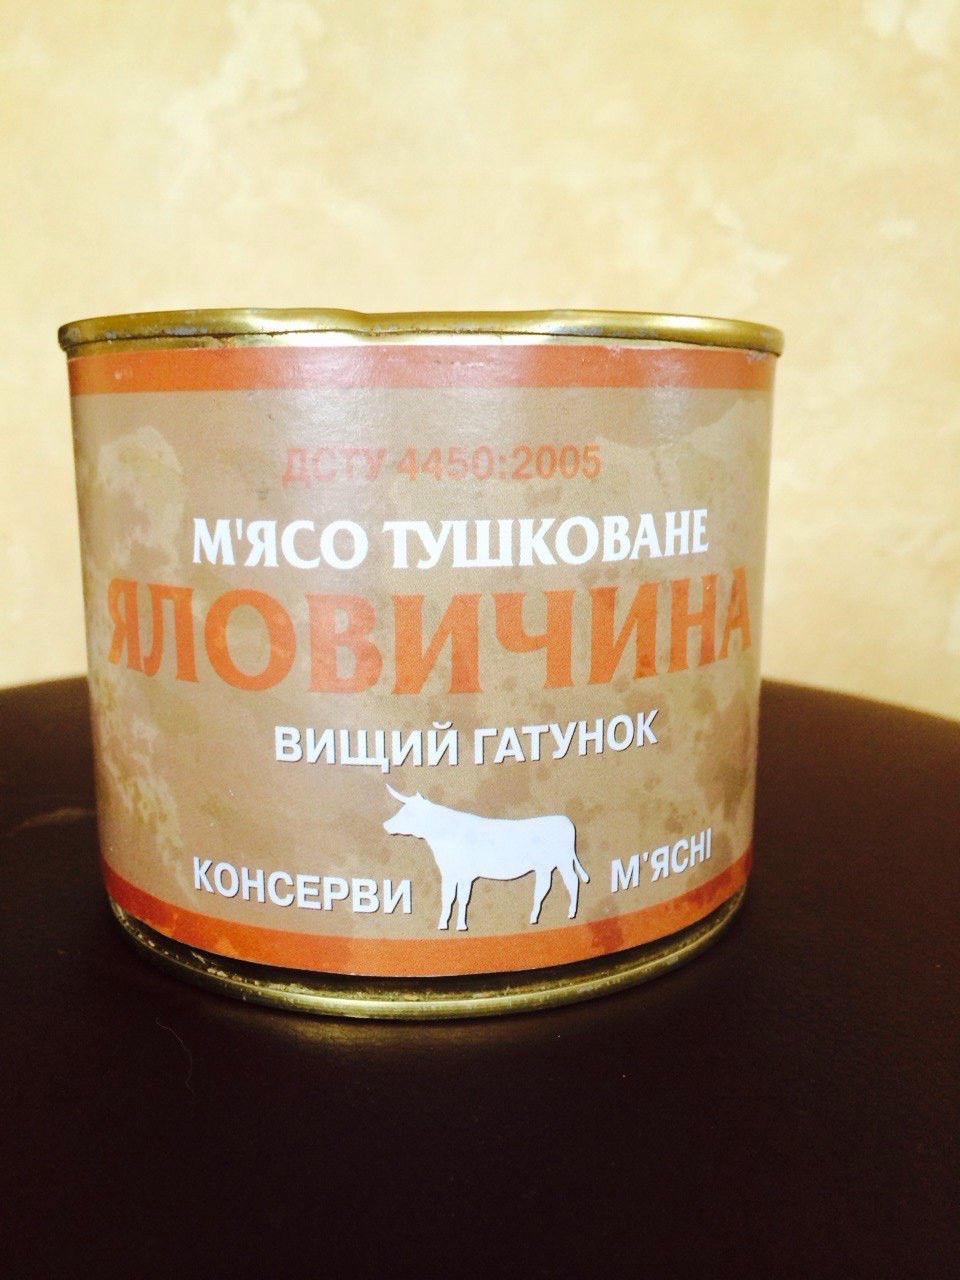 Тушенка Говядина 525 г. Украина - Камора - магазин вкусных продуктов в Днепре